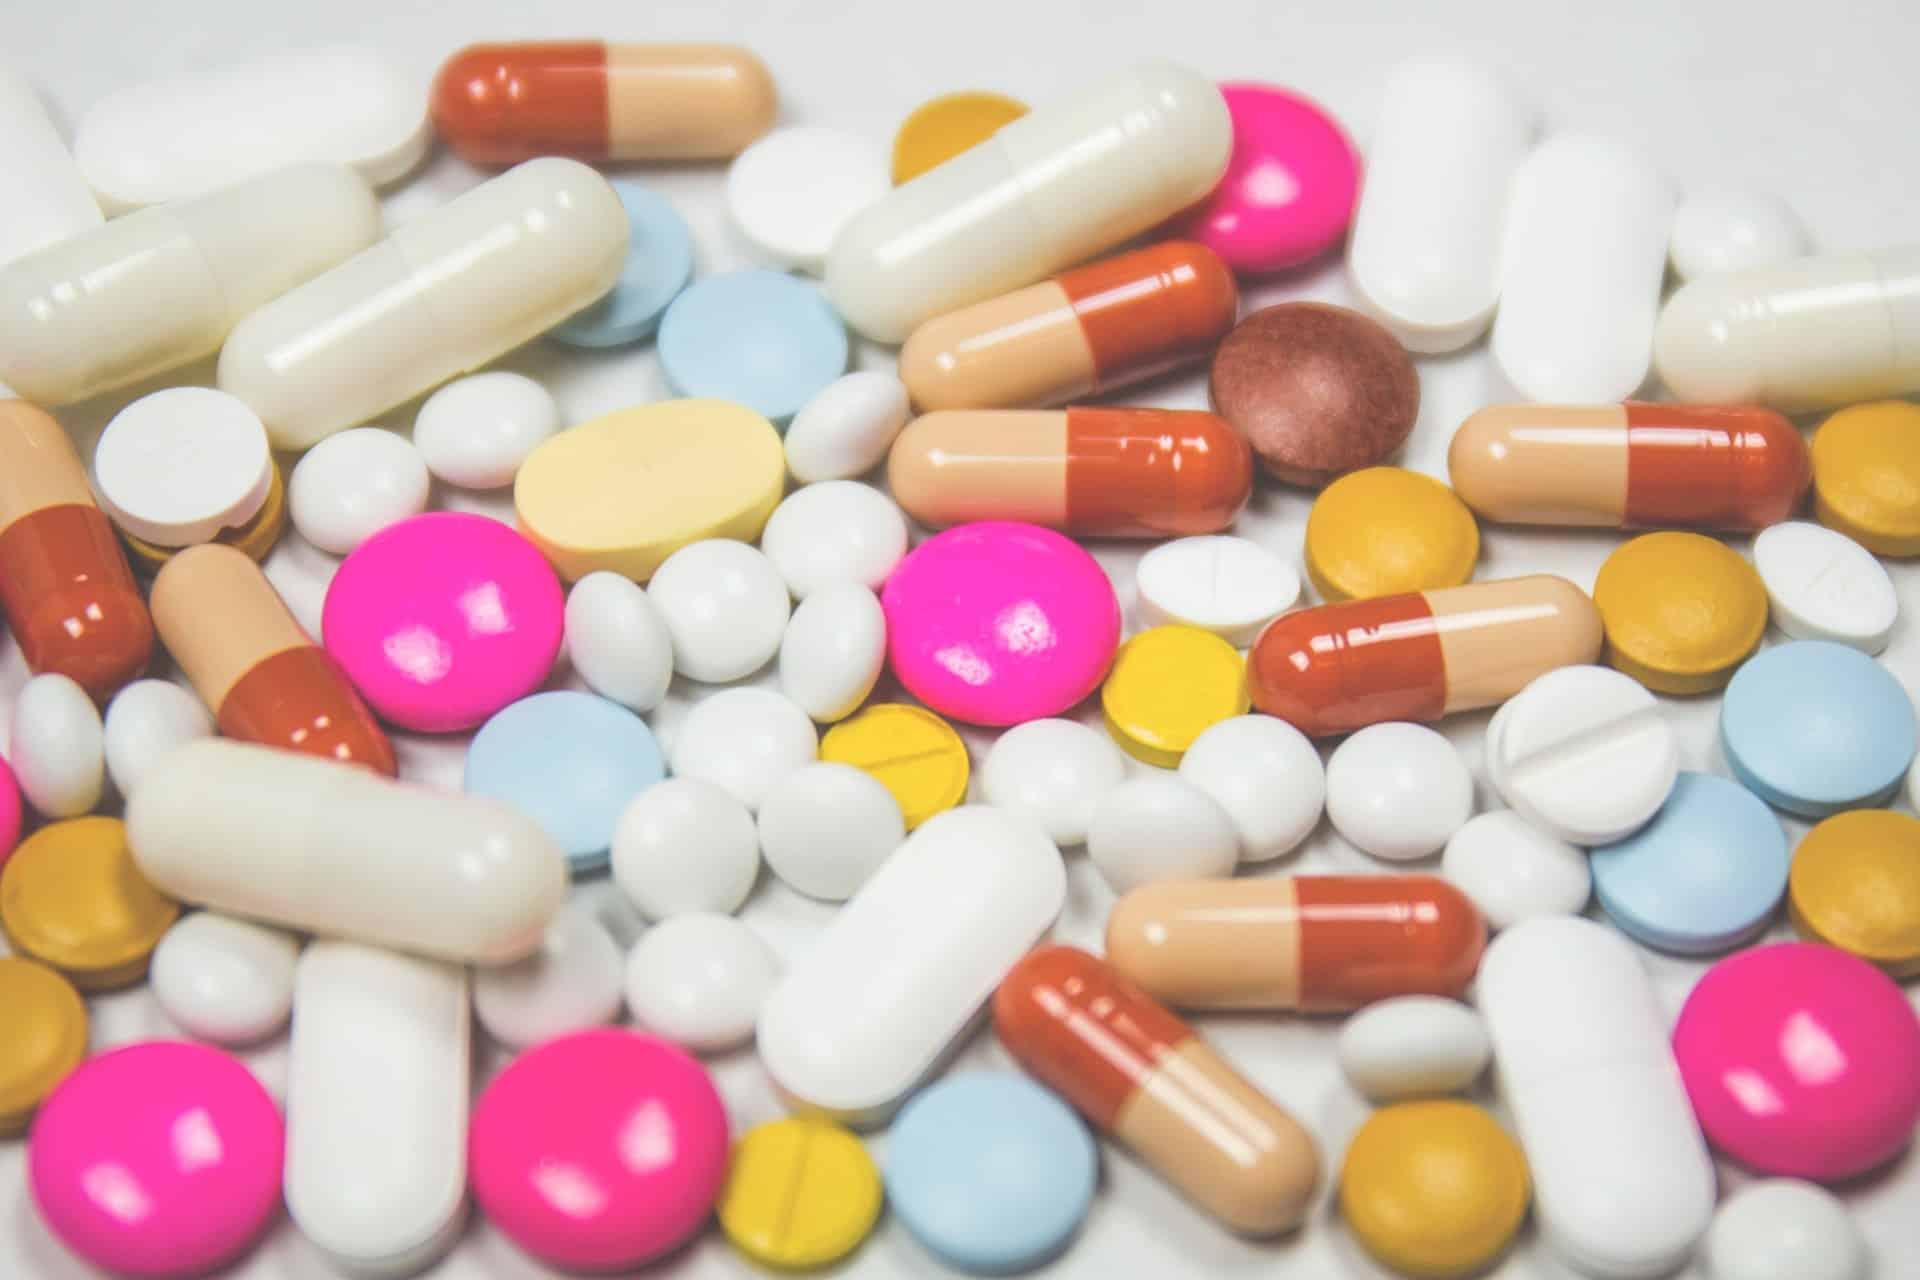 Datenbank für Arzneimittel